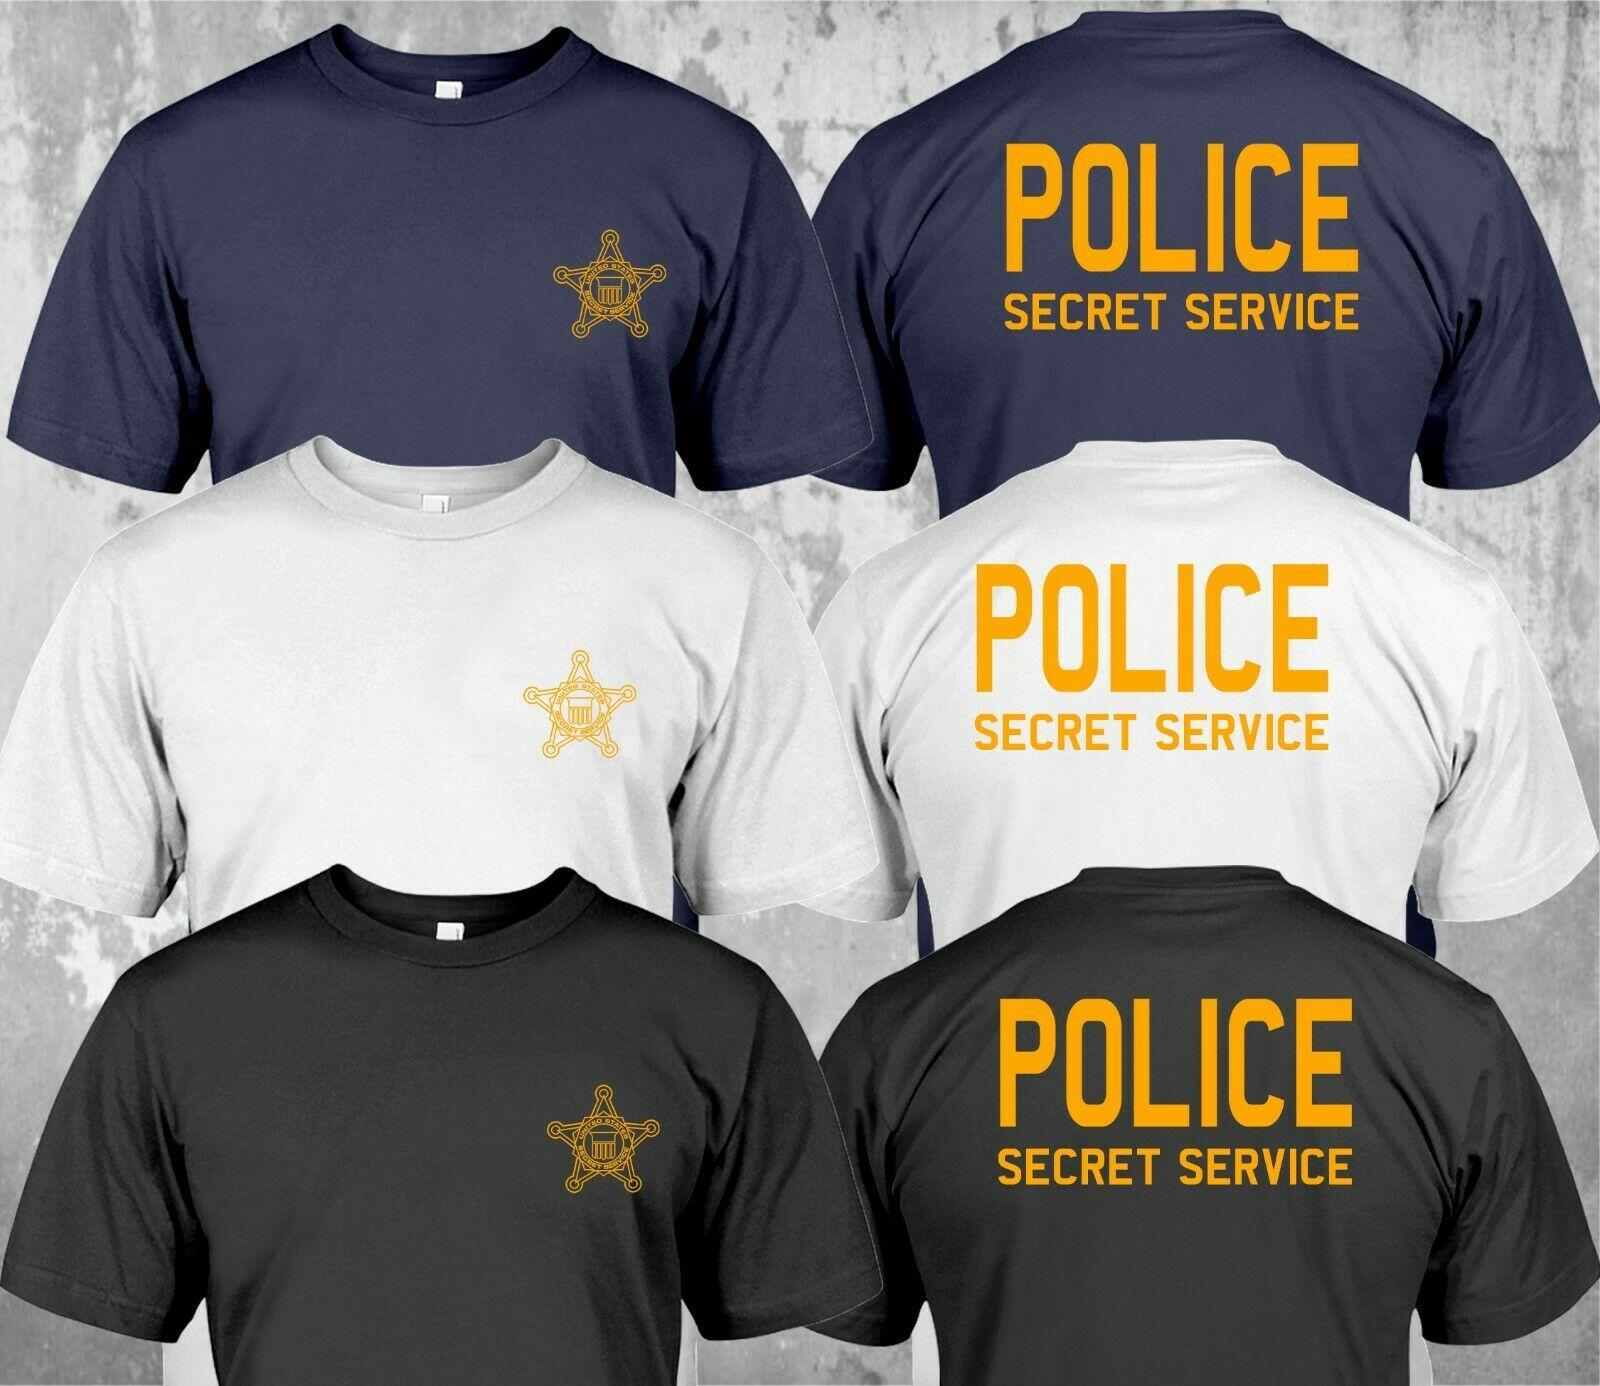 spor Yeni Polis Gizli Servis Amerika Birleşik Devletleri Askeri Özel Kuvvet Özel Tişört Çift Yan 2019 Pamuk Casual Baskılı Tee Tops